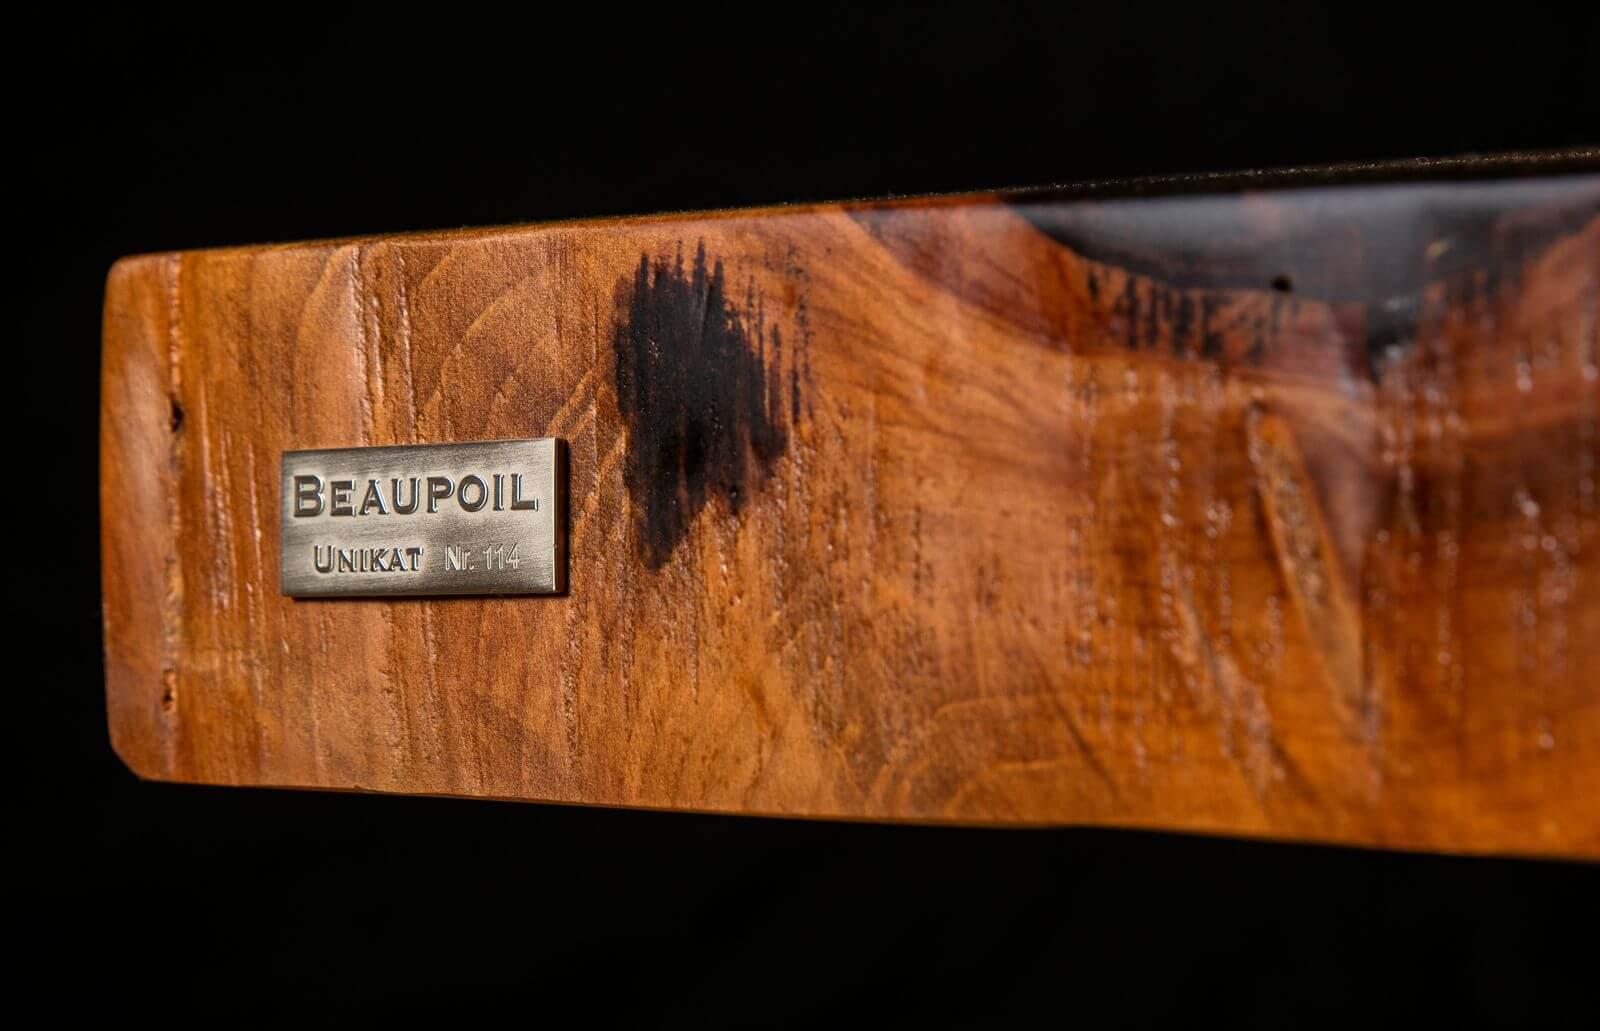 Einzigartige Holztische von Schreinermeister Michael Beaupoil mit Unikat Siegel einzeln und individuell nach Maß handgefertigt